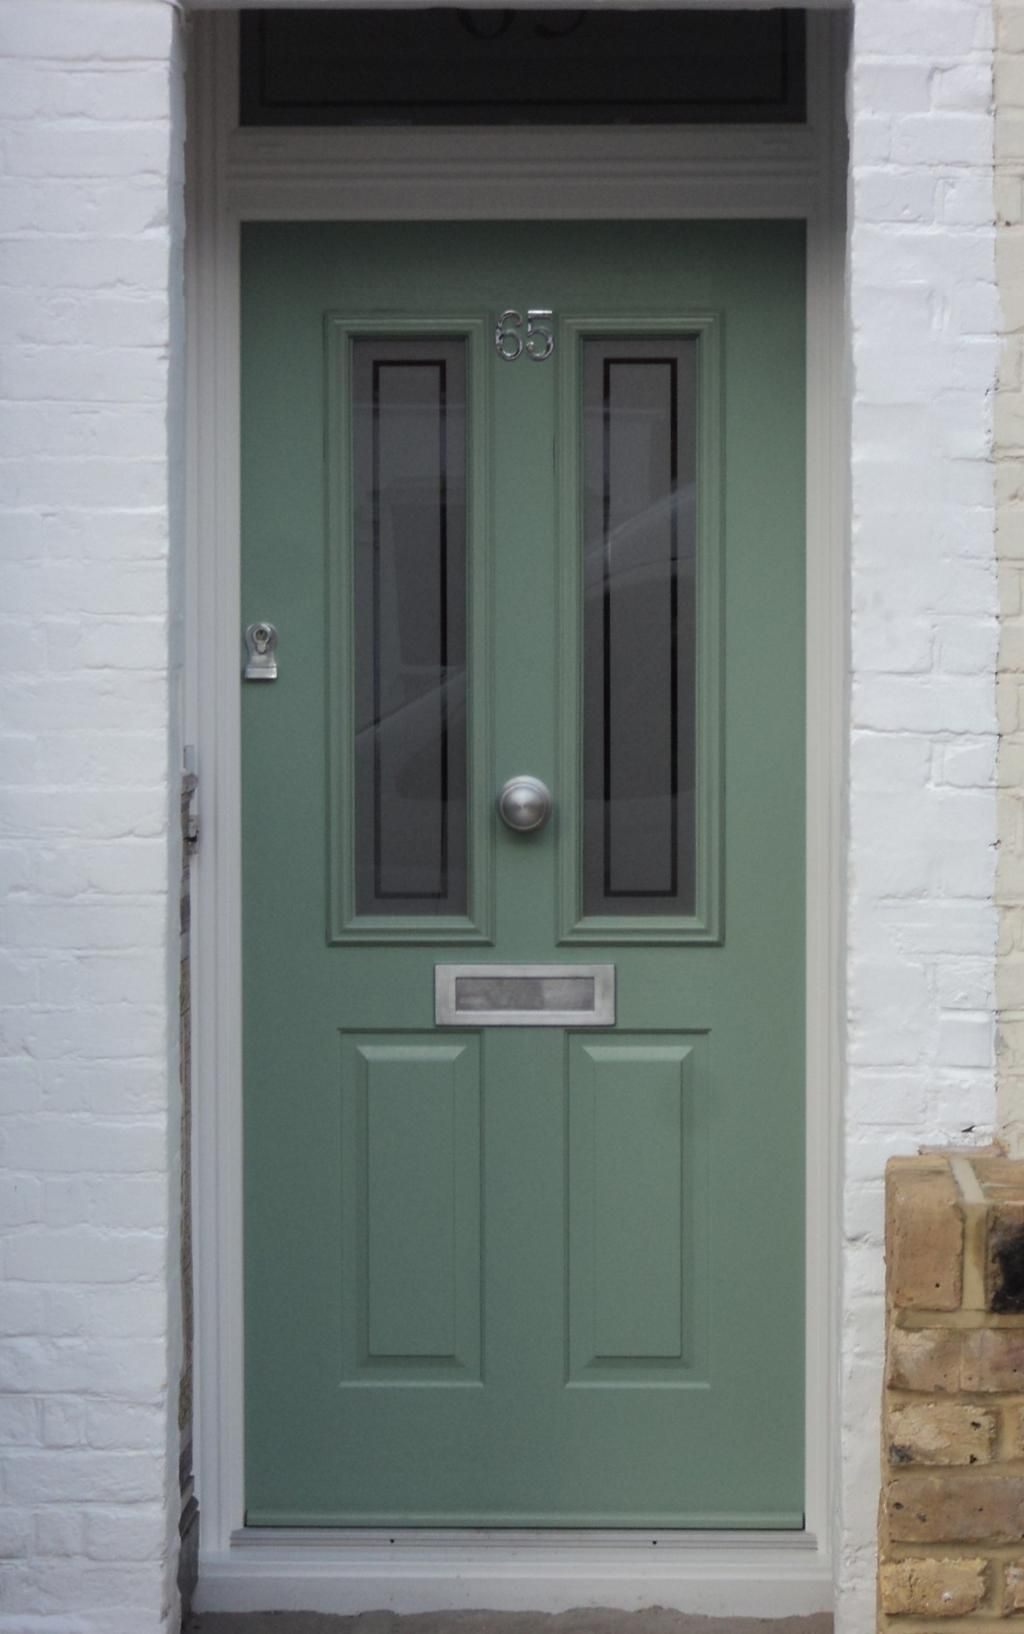 Solidor ludlow composite door but in french grey with door solidor ludlow composite door but in french grey with door knocker for me rubansaba